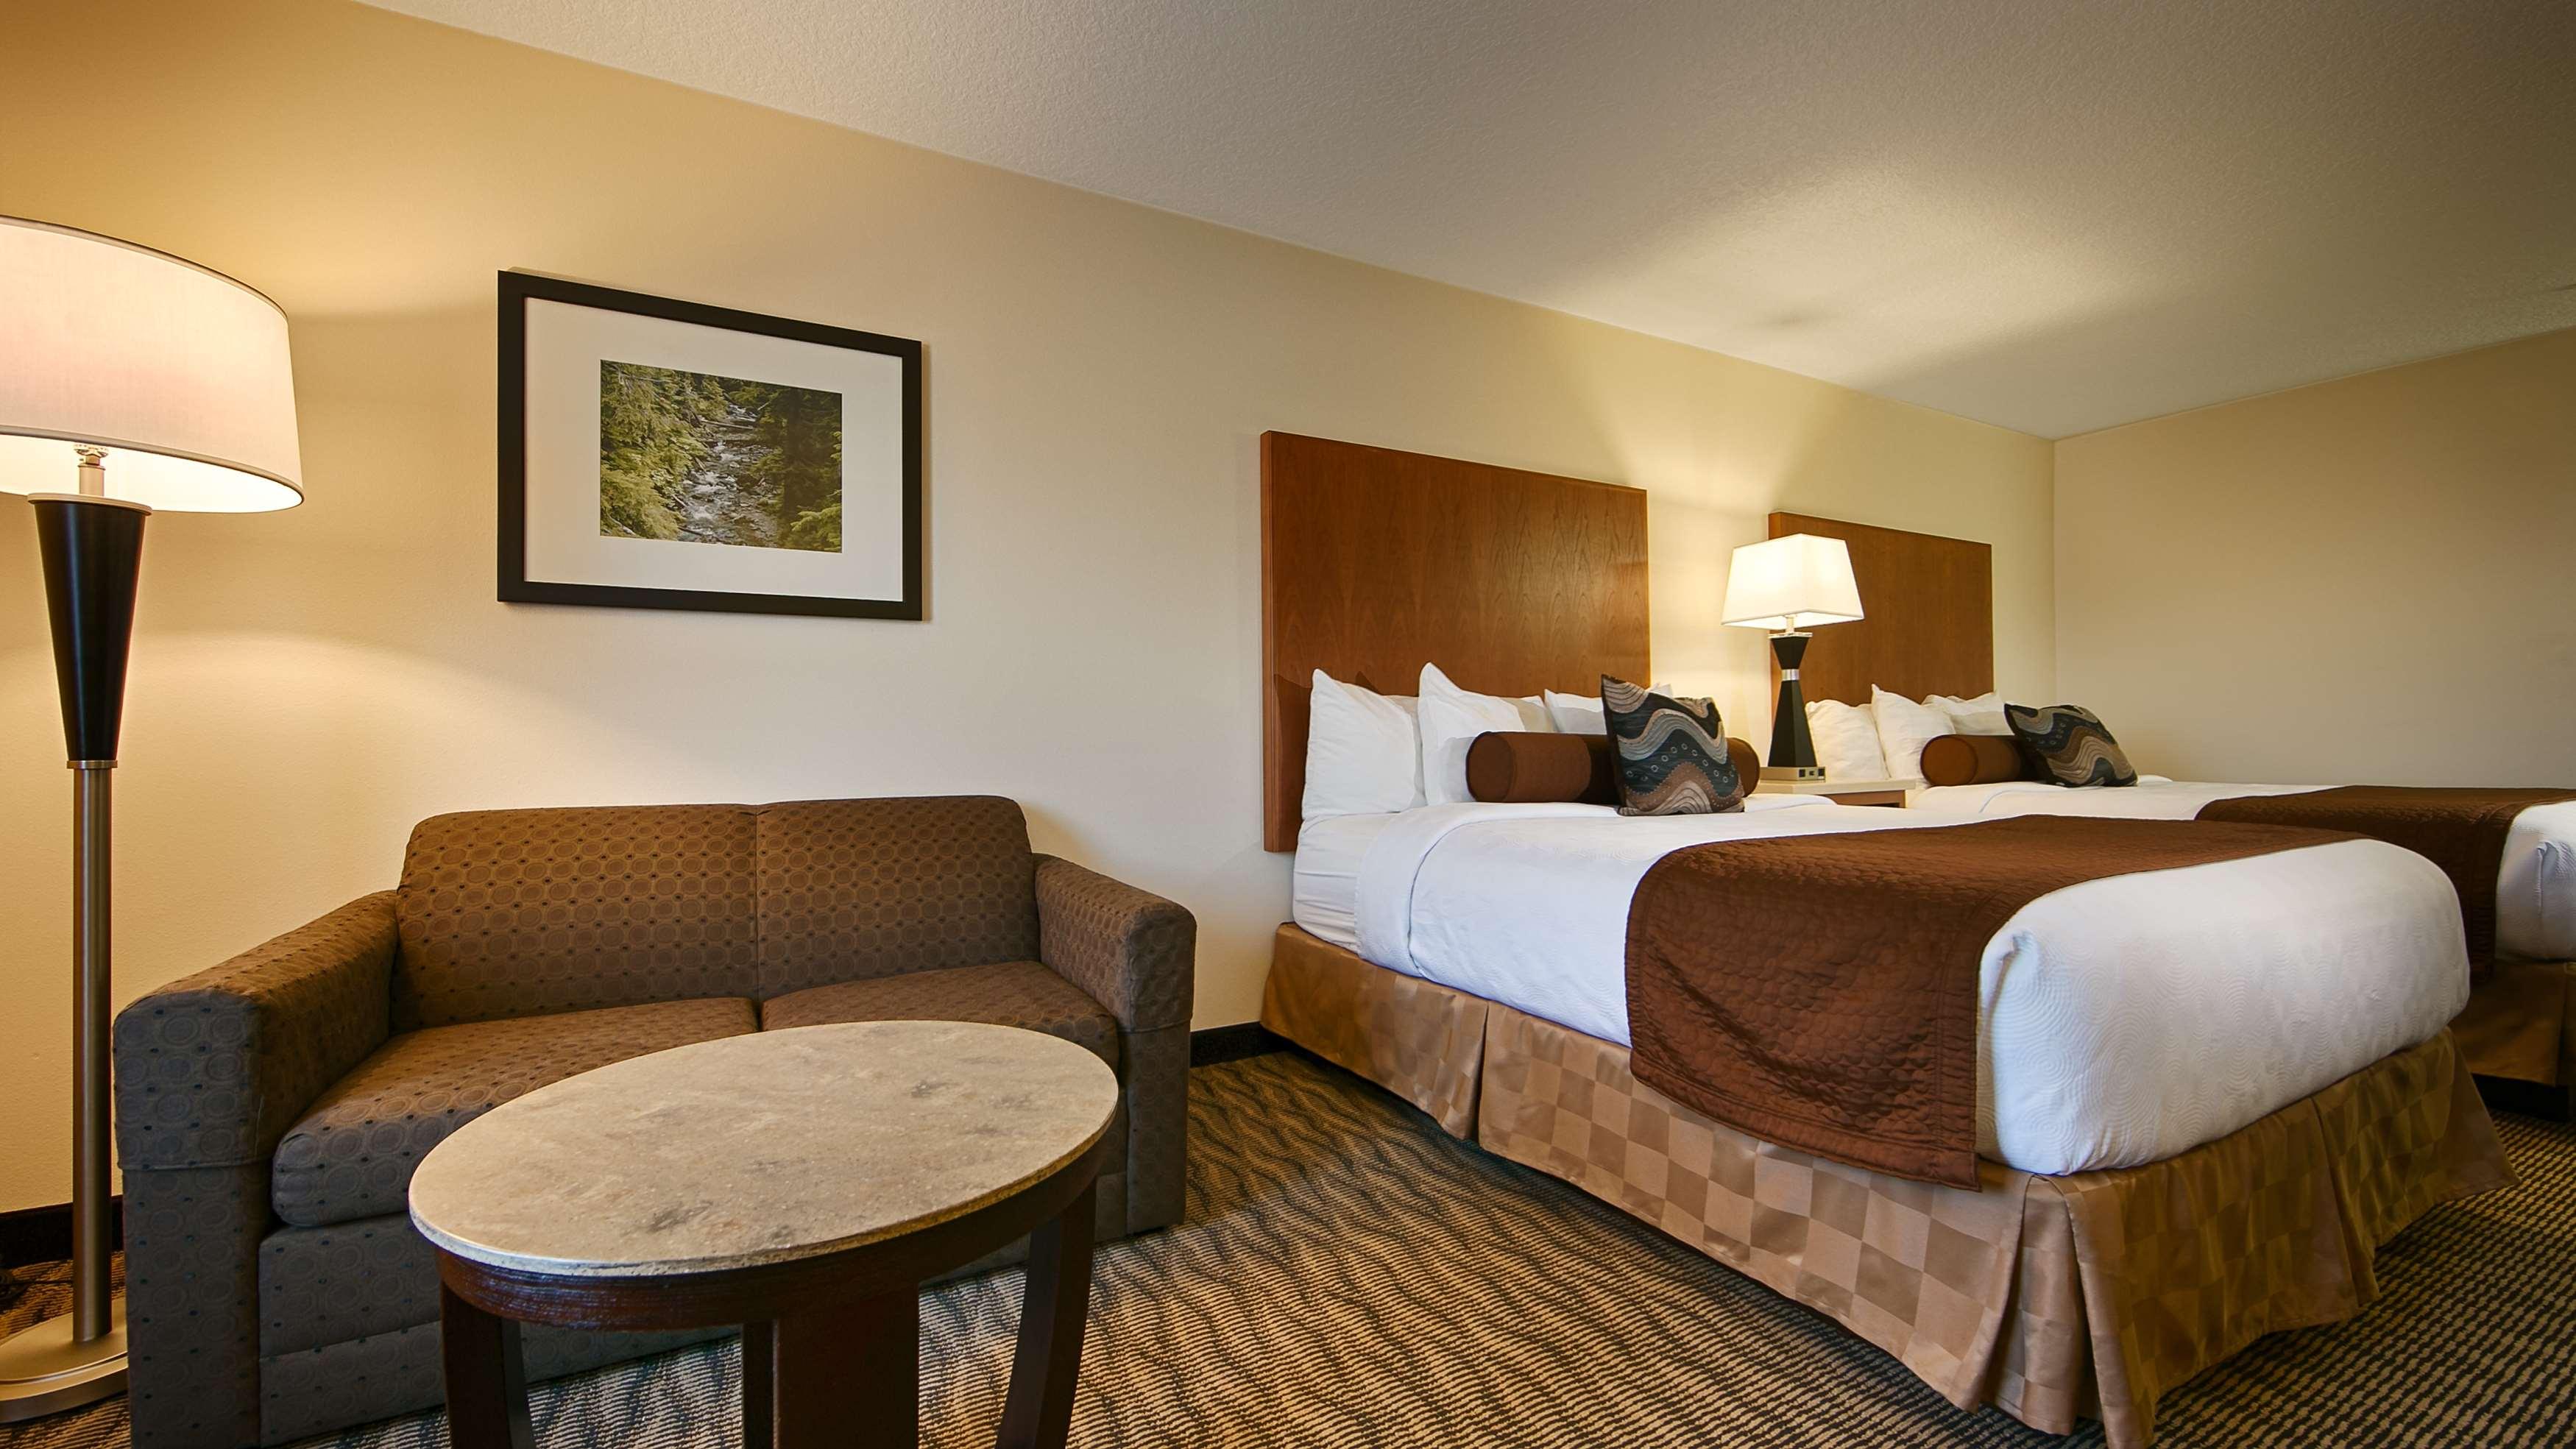 Best Western Plus Park Place Inn & Suites image 11